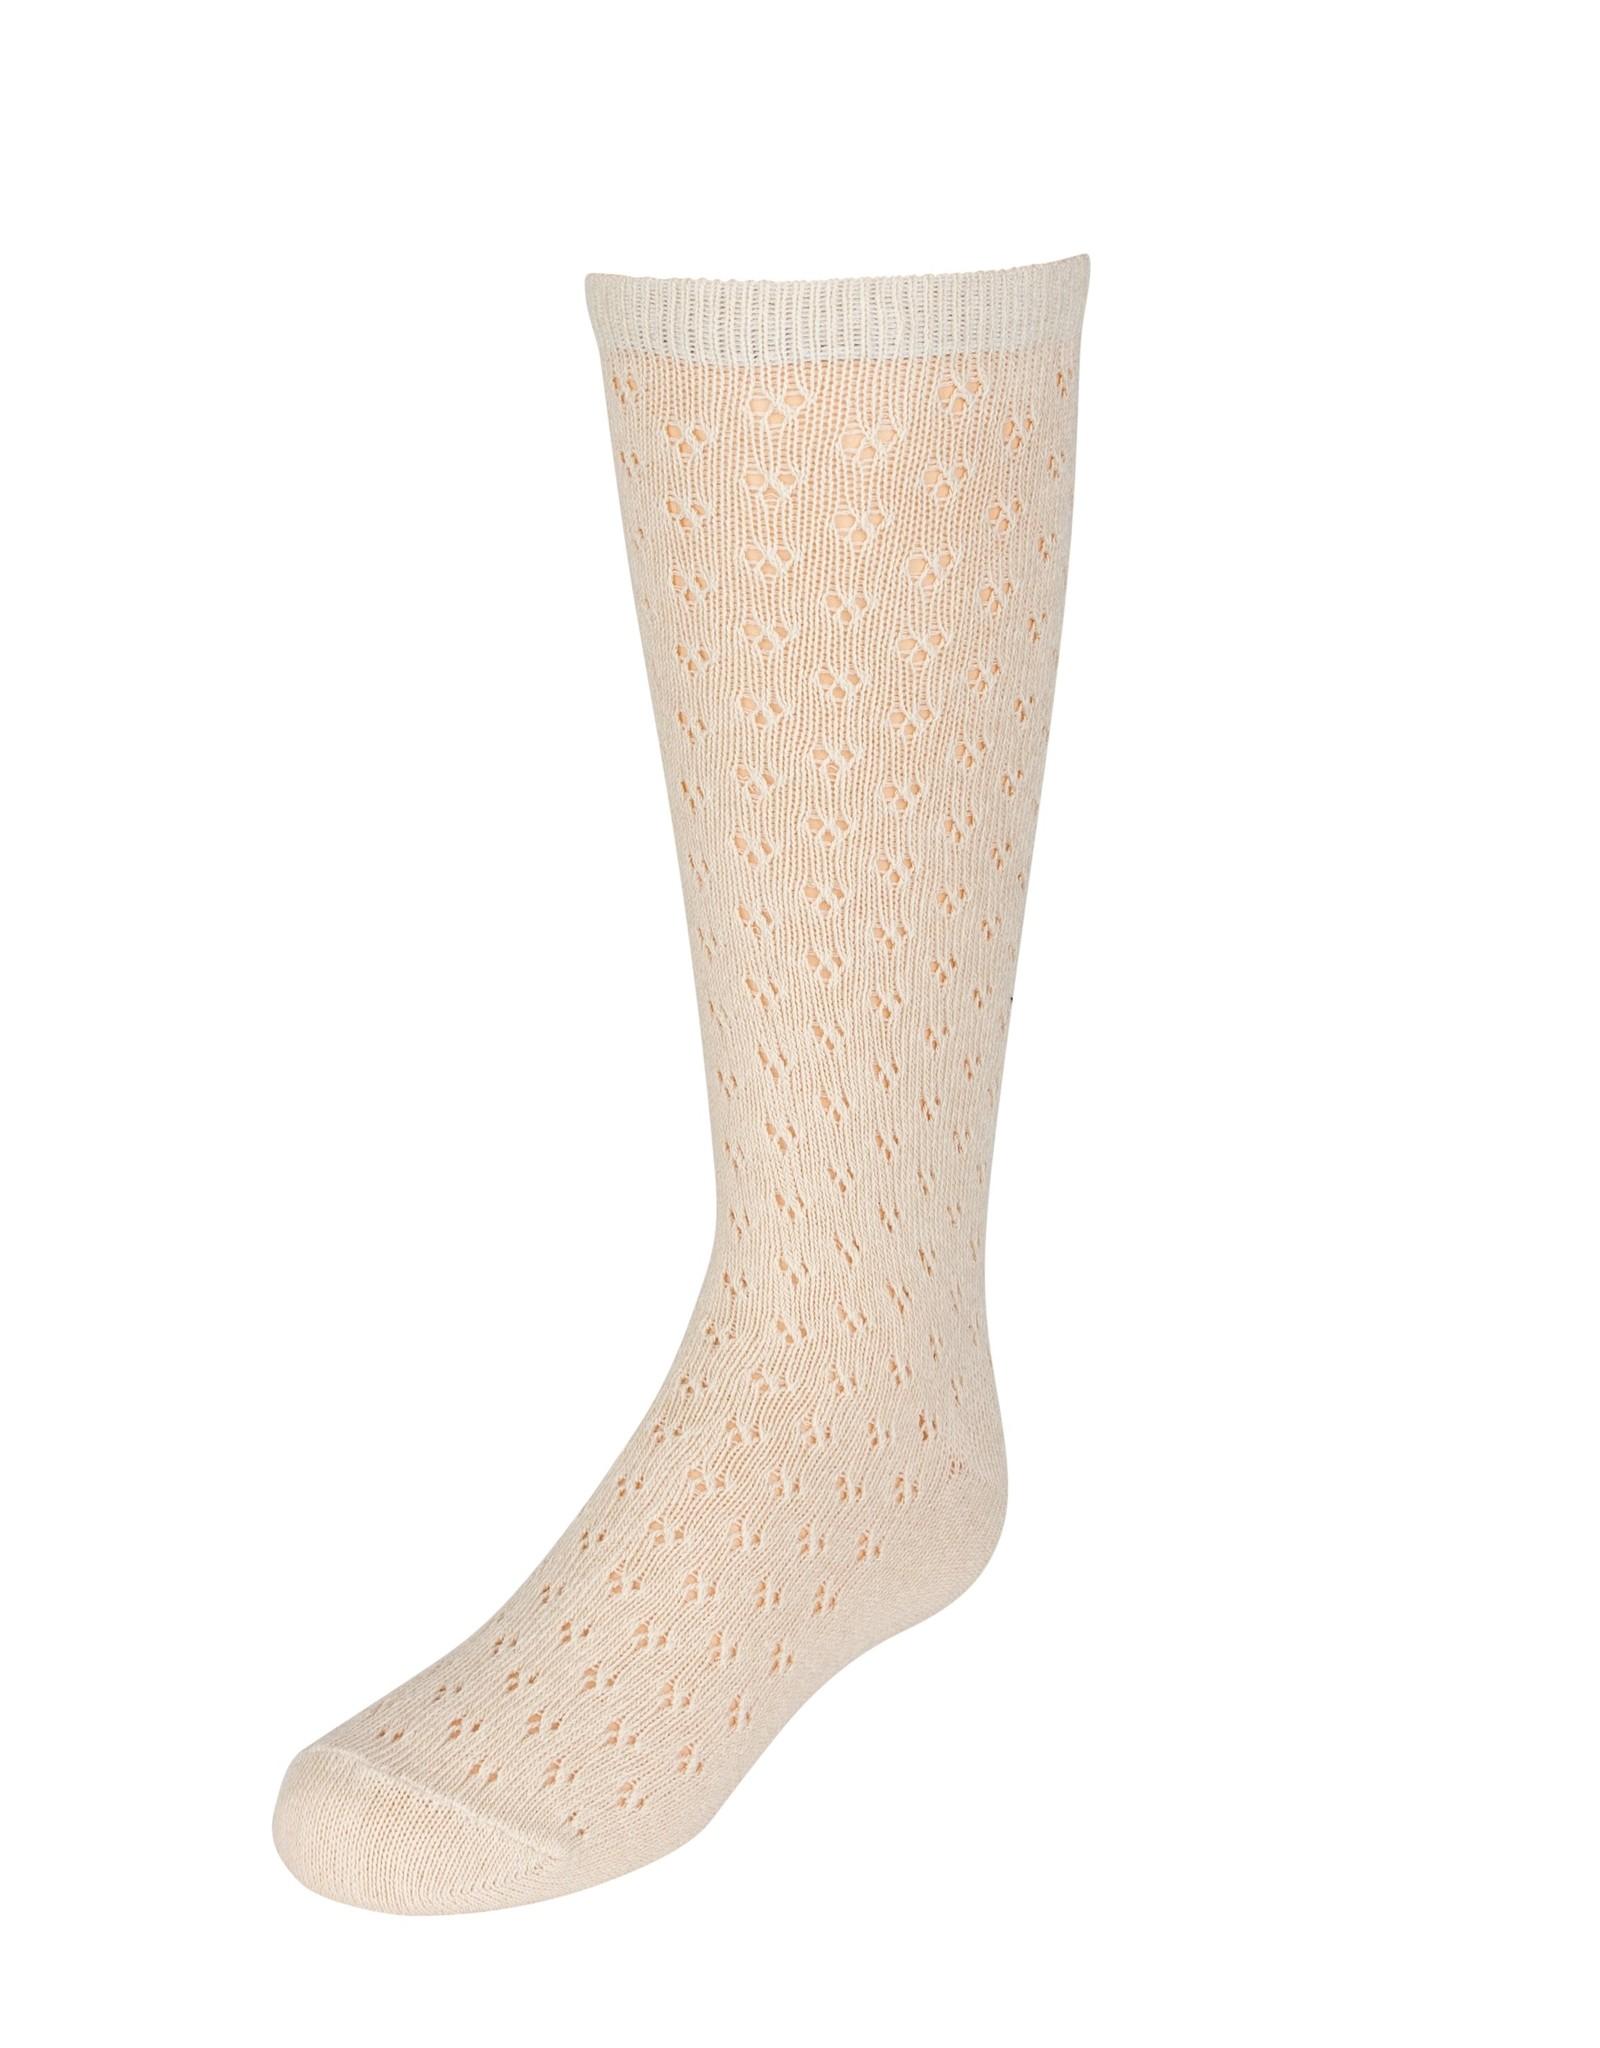 JRP JRP Vintage Crochet Knee Sock